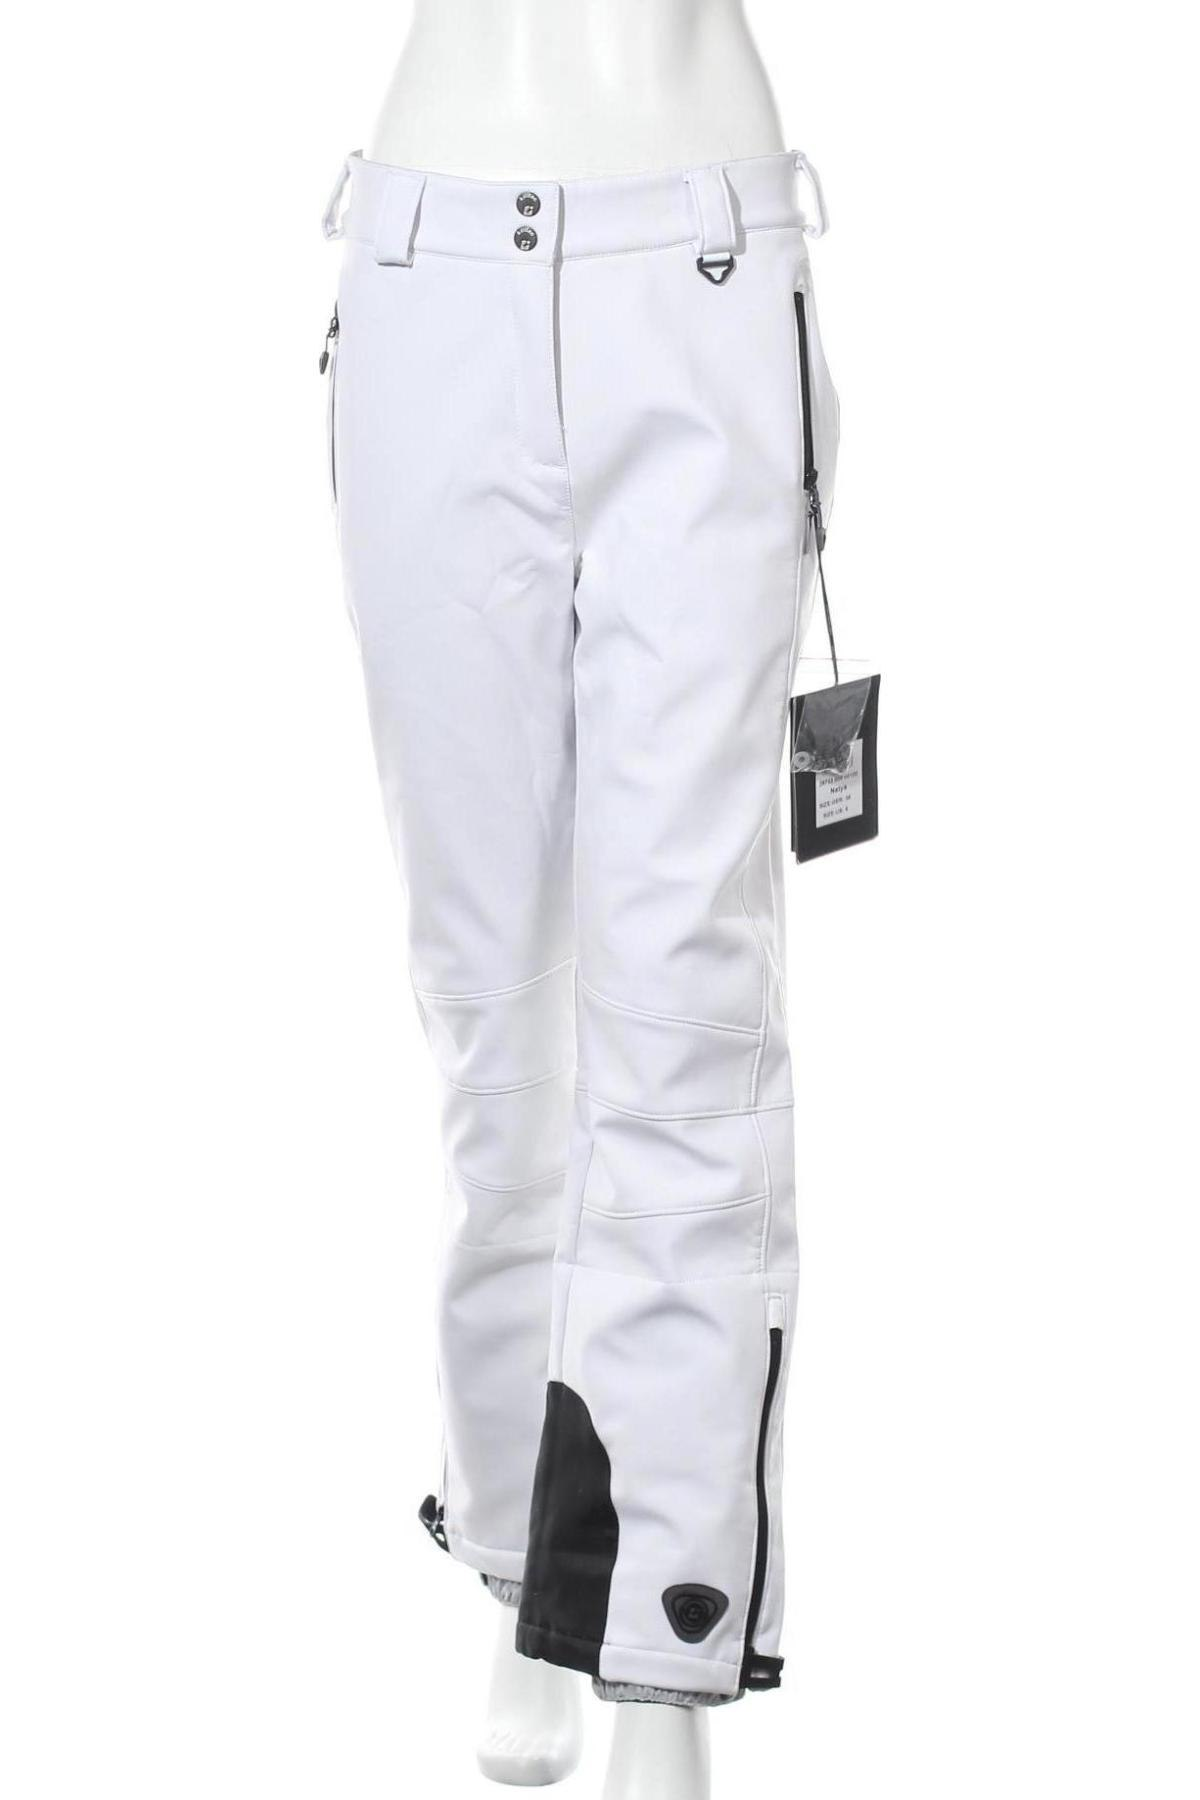 Дамски панталон за зимни спортове Killtec, Размер M, Цвят Бял, 94% полиестер, 6% еластан, Цена 46,36лв.